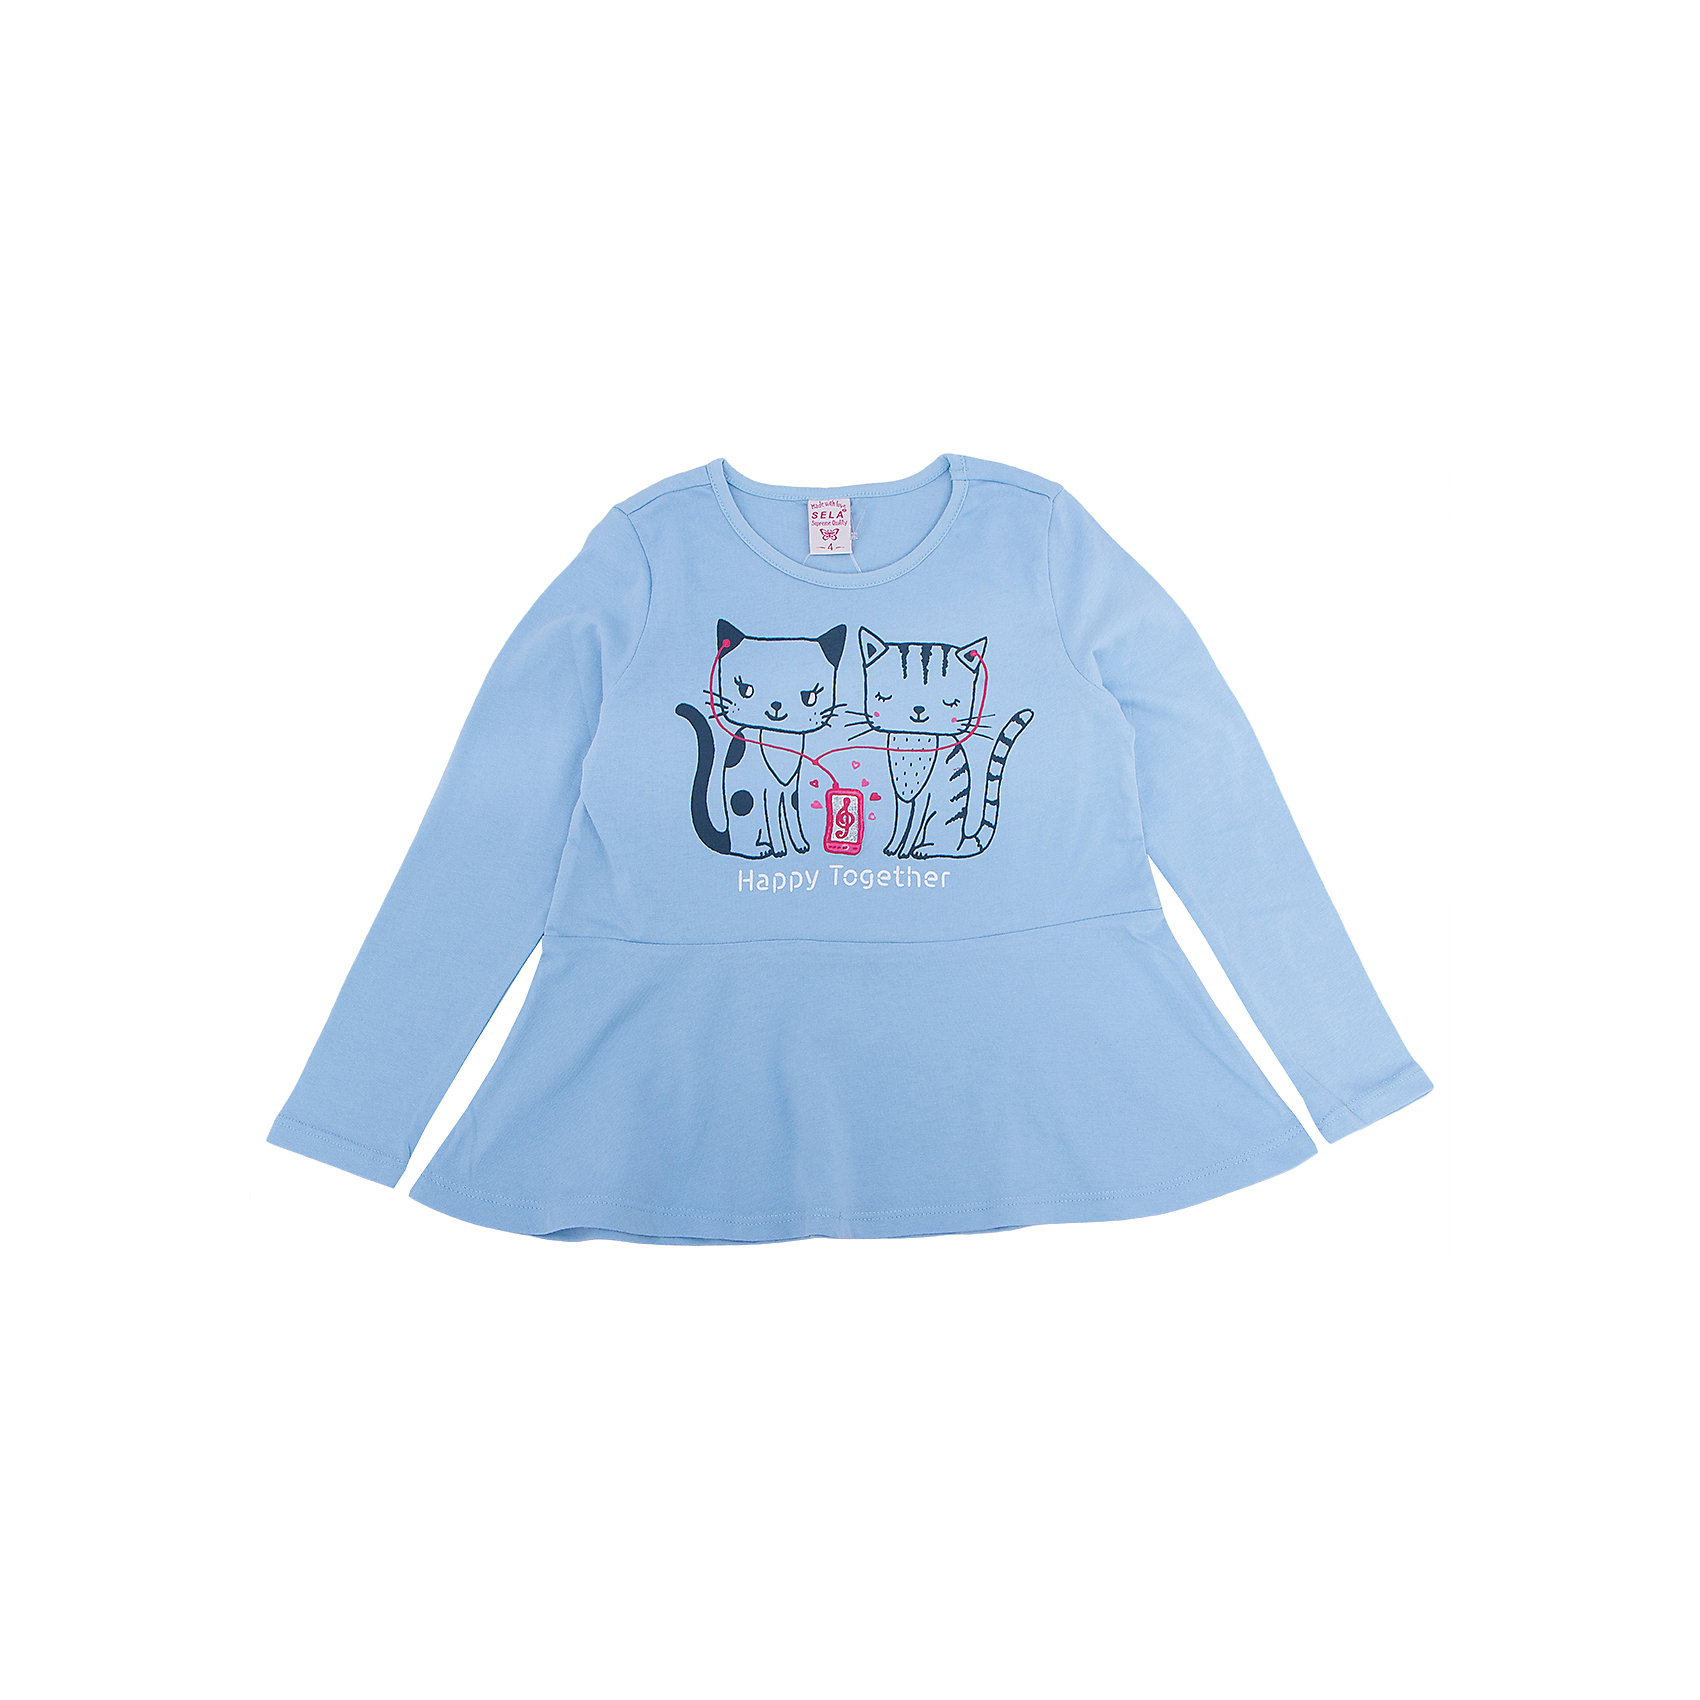 Платье для девочки SELAПлатья и сарафаны<br>Платье с принтом - очень модная вещь. Эта модель отлично сидит на ребенке, она смотрится стильно и нарядно. Приятная на ощупь ткань и качественная фурнитура обеспечивает ребенку комфорт. Модель станет отличной базовой вещью, которая будет уместна в различных сочетаниях.<br>Одежда от бренда Sela (Села) - это качество по приемлемым ценам. Многие российские родители уже оценили преимущества продукции этой компании и всё чаще приобретают одежду и аксессуары Sela.<br><br>Дополнительная информация:<br><br>цвет: голубой;<br>материал: 100% хлопок;<br>с принтом;<br>длинный рукав.<br><br>Платье для девочки от бренда Sela можно купить в нашем интернет-магазине.<br><br>Ширина мм: 236<br>Глубина мм: 16<br>Высота мм: 184<br>Вес г: 177<br>Цвет: голубой<br>Возраст от месяцев: 36<br>Возраст до месяцев: 48<br>Пол: Женский<br>Возраст: Детский<br>Размер: 104,116,92,98,110<br>SKU: 5008239